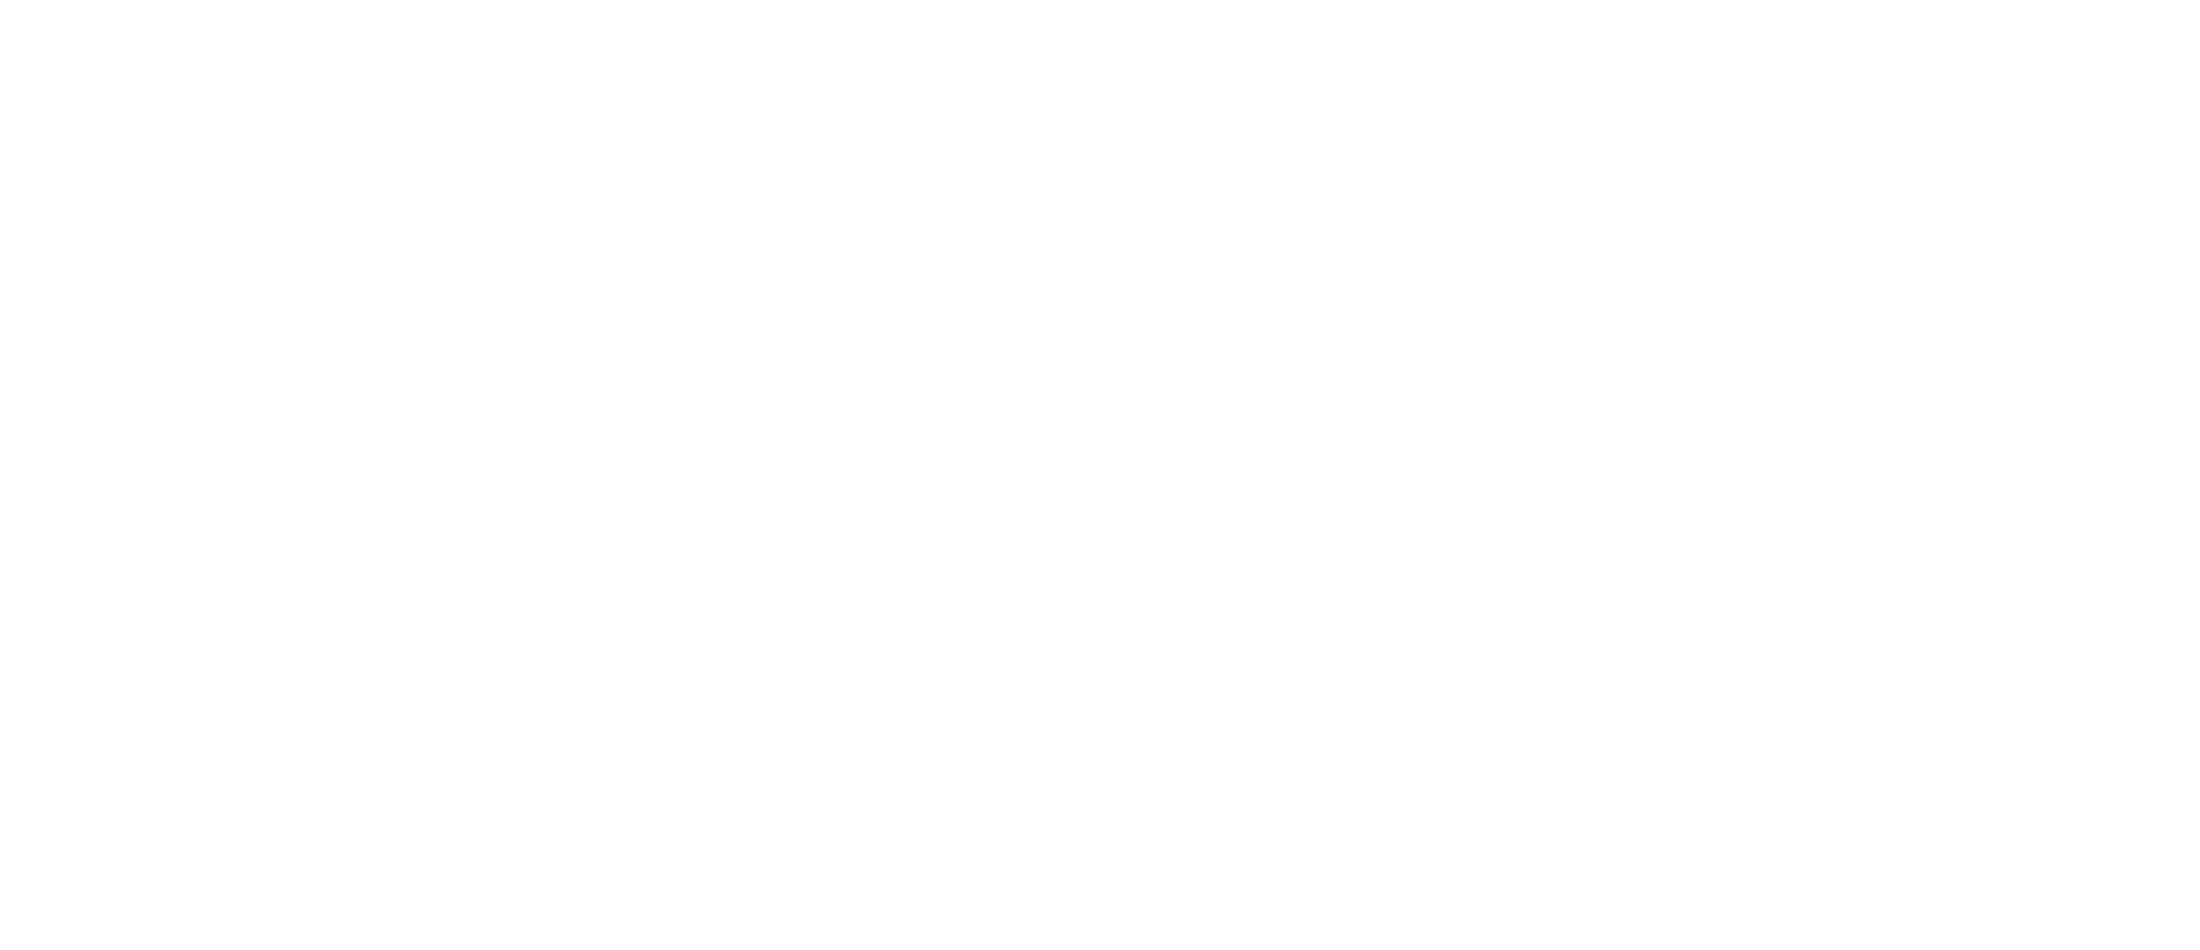 FIP PSWC 2020